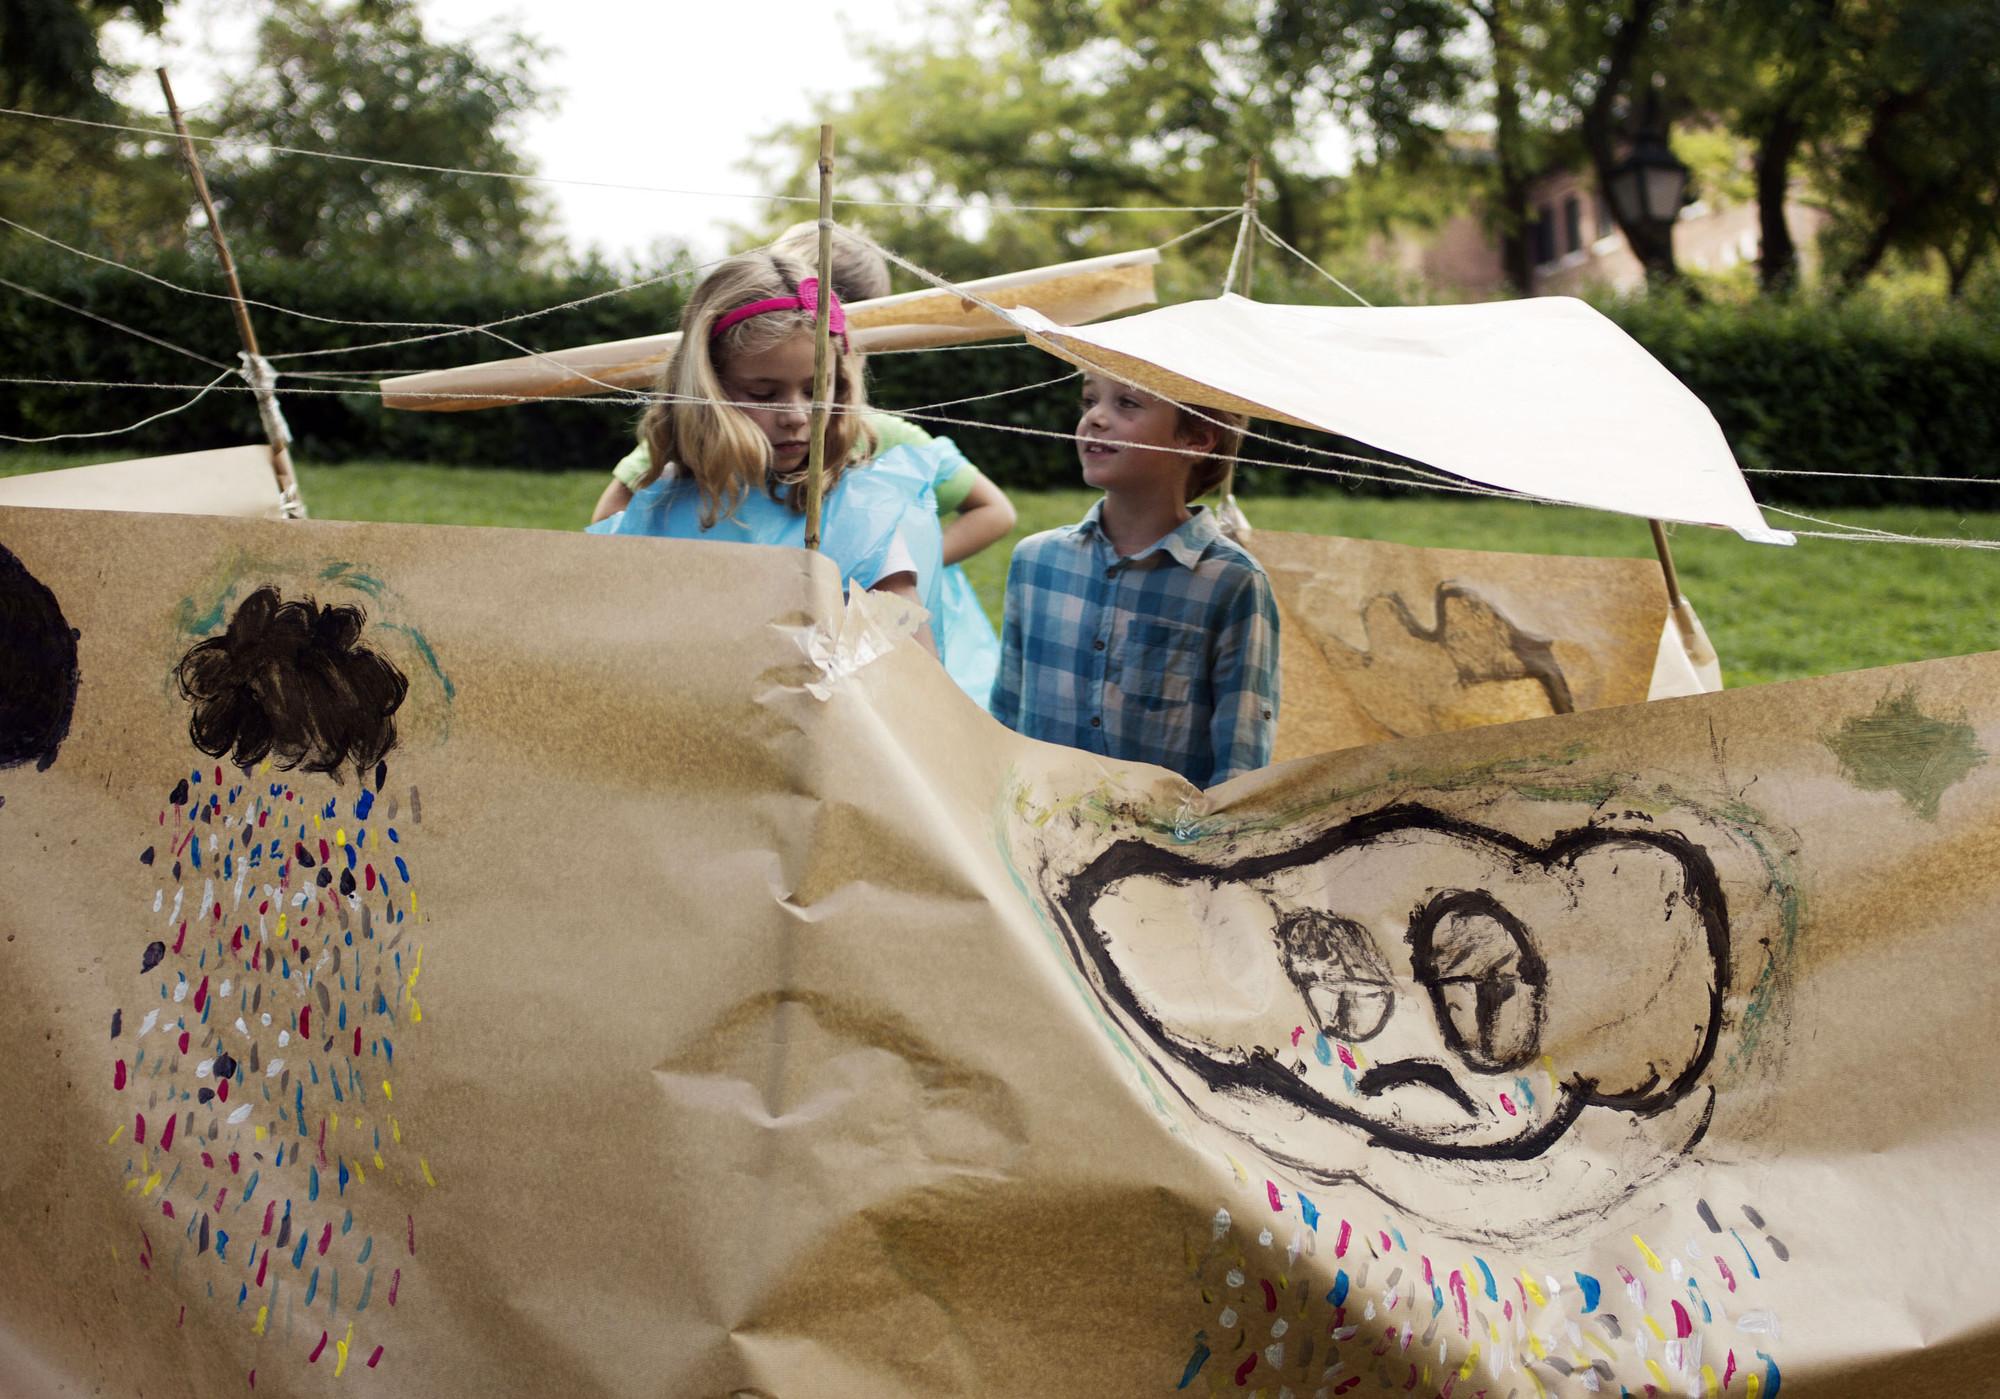 Refugios + emociones: propuesta de Claudia, Lucas y Marco  7, 9 y 8 años respectivamente. Image © Rosvima